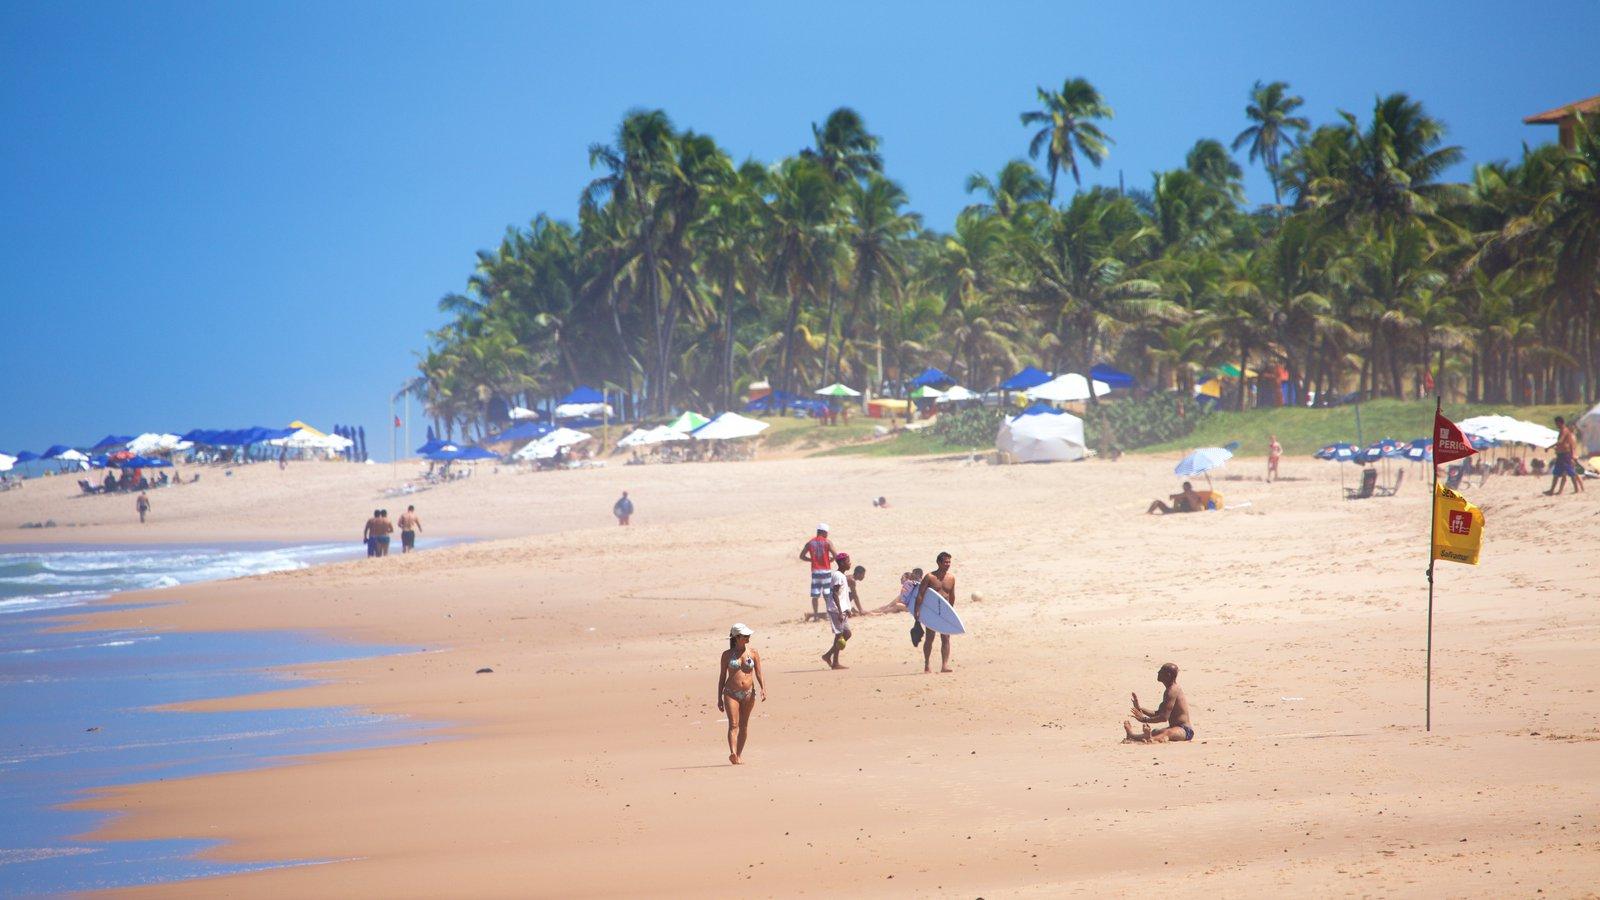 Flamengo Beach caracterizando uma praia de areia, cenas tropicais e paisagens litorâneas